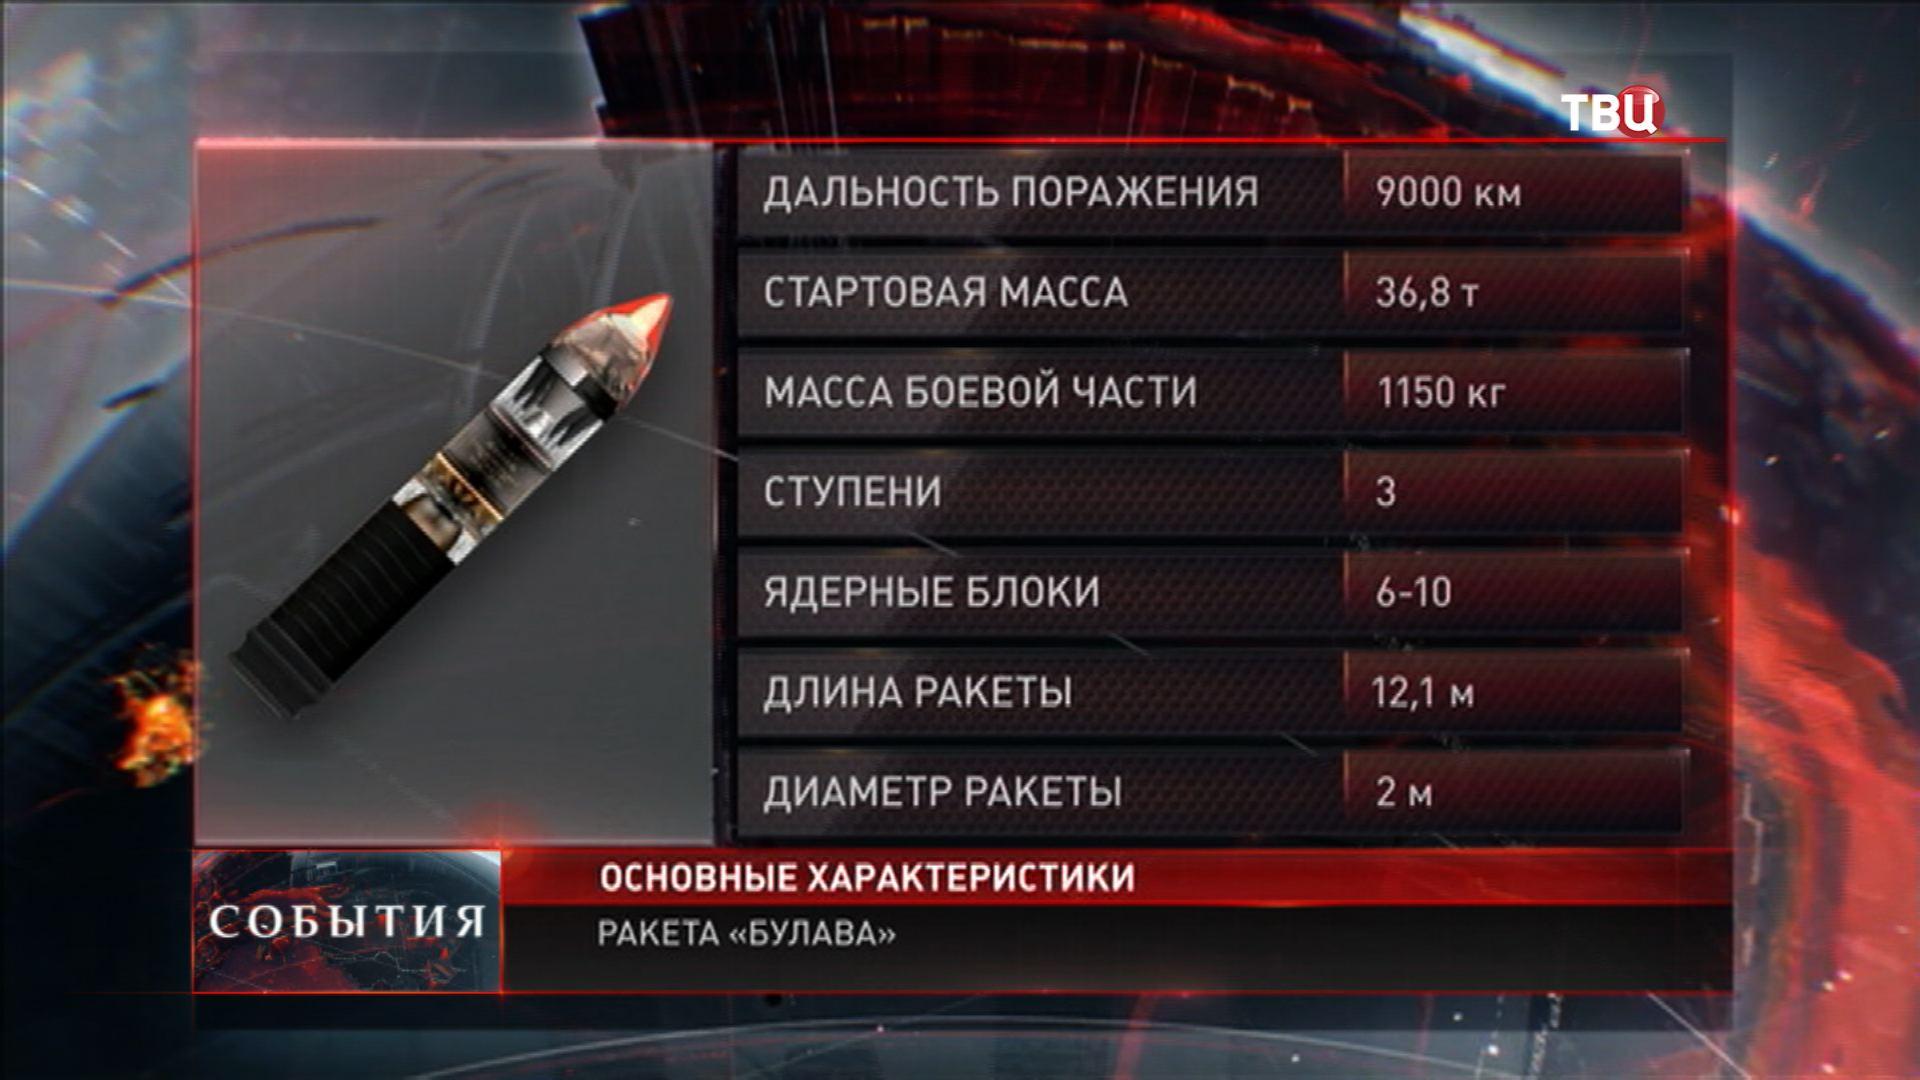 """Основные характеристики ракеты """"булава"""""""